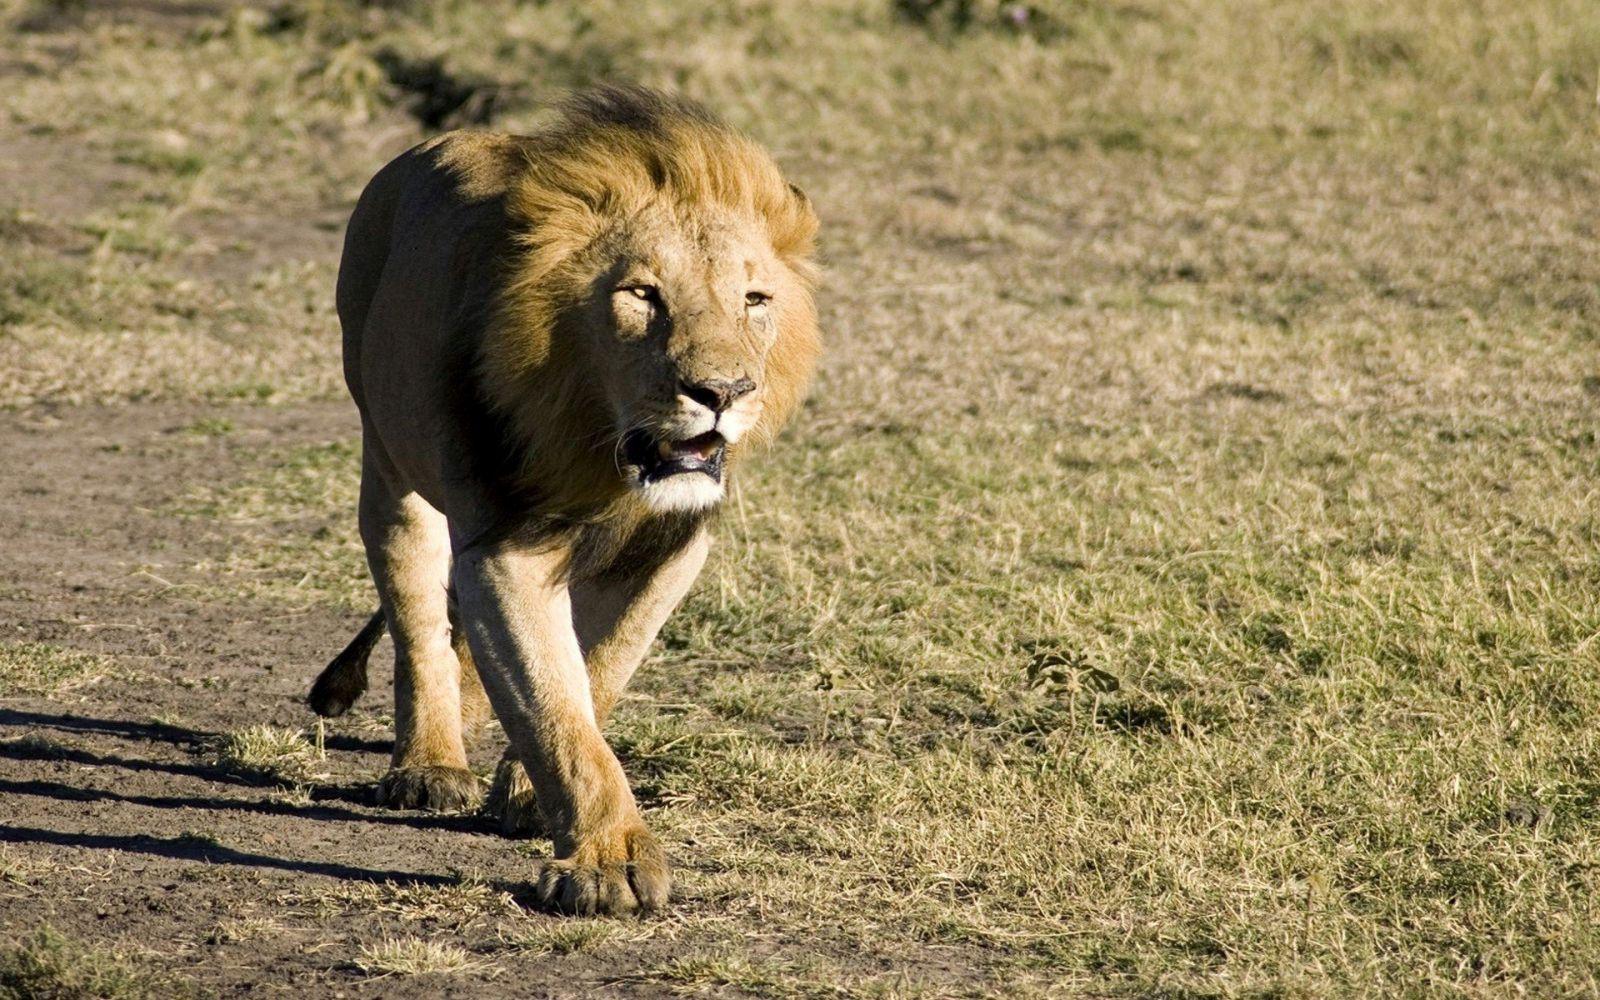 картинка шагающих львов форумы, эти